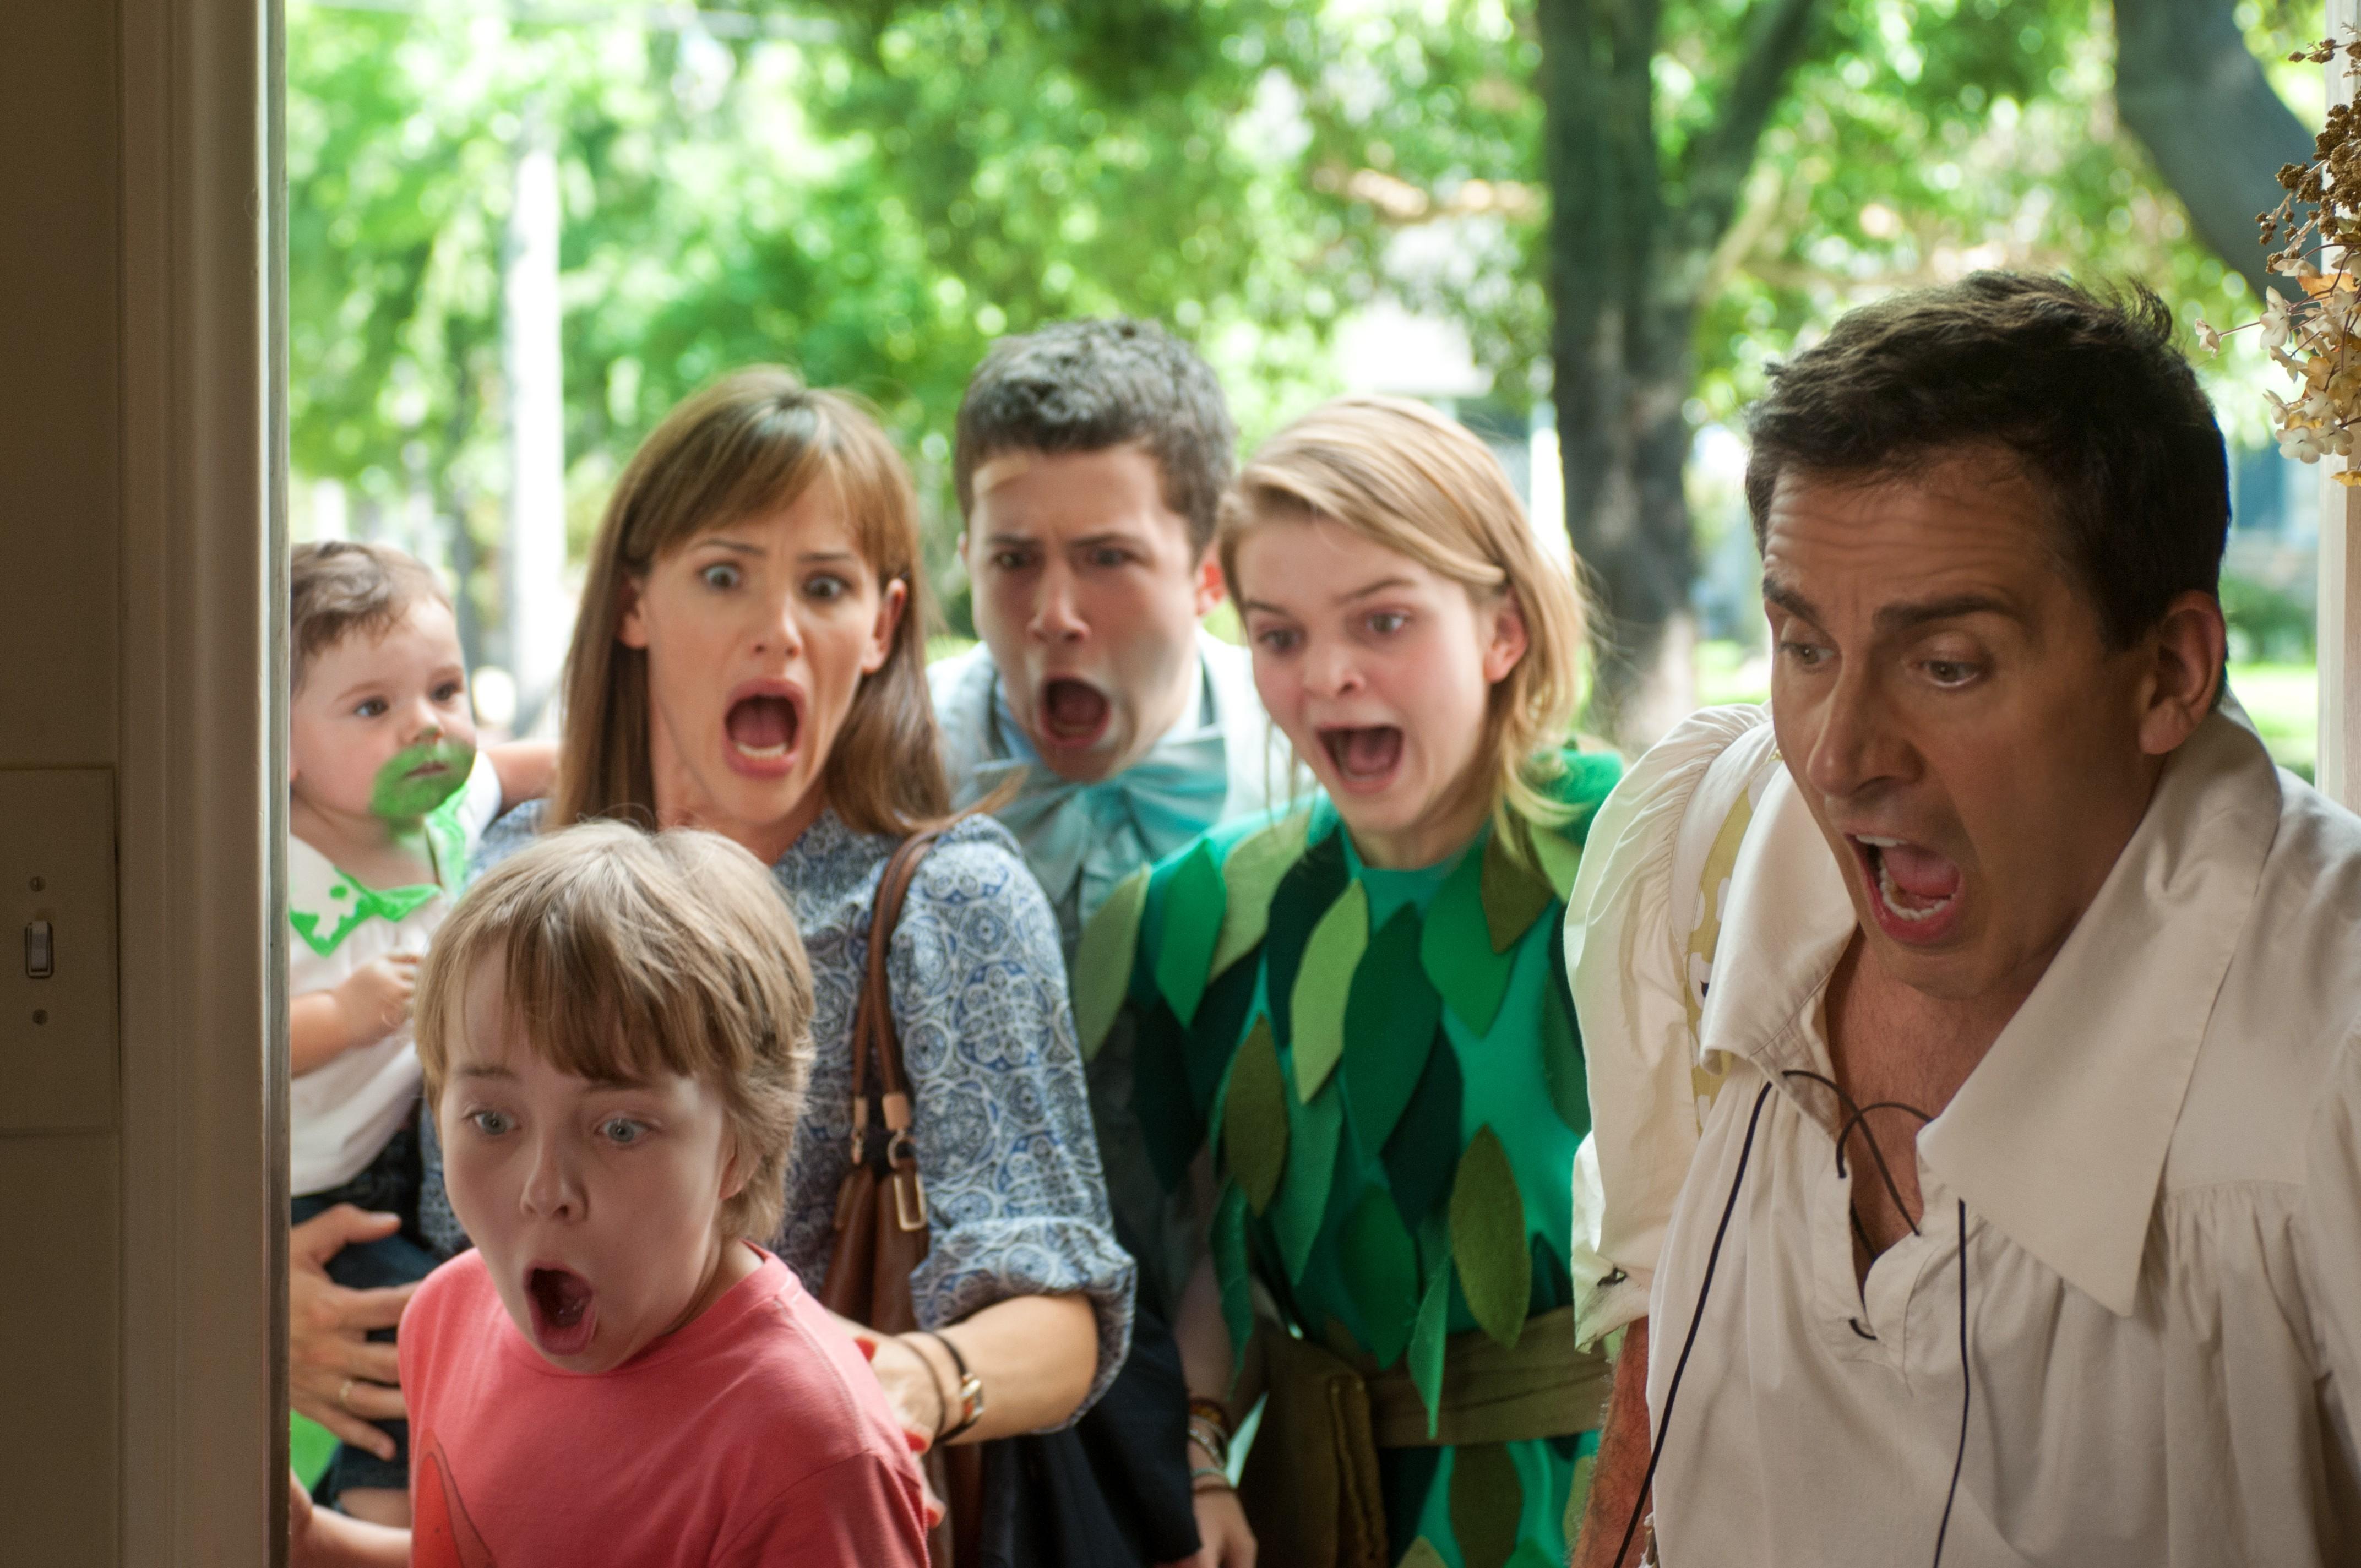 кадры из фильма Александр и ужасный, кошмарный, нехороший, очень плохой день Эд Оксенболд, Дженнифер Гарнер, Дилан Майннетт, Керрис Дорси, Стив Карелл,